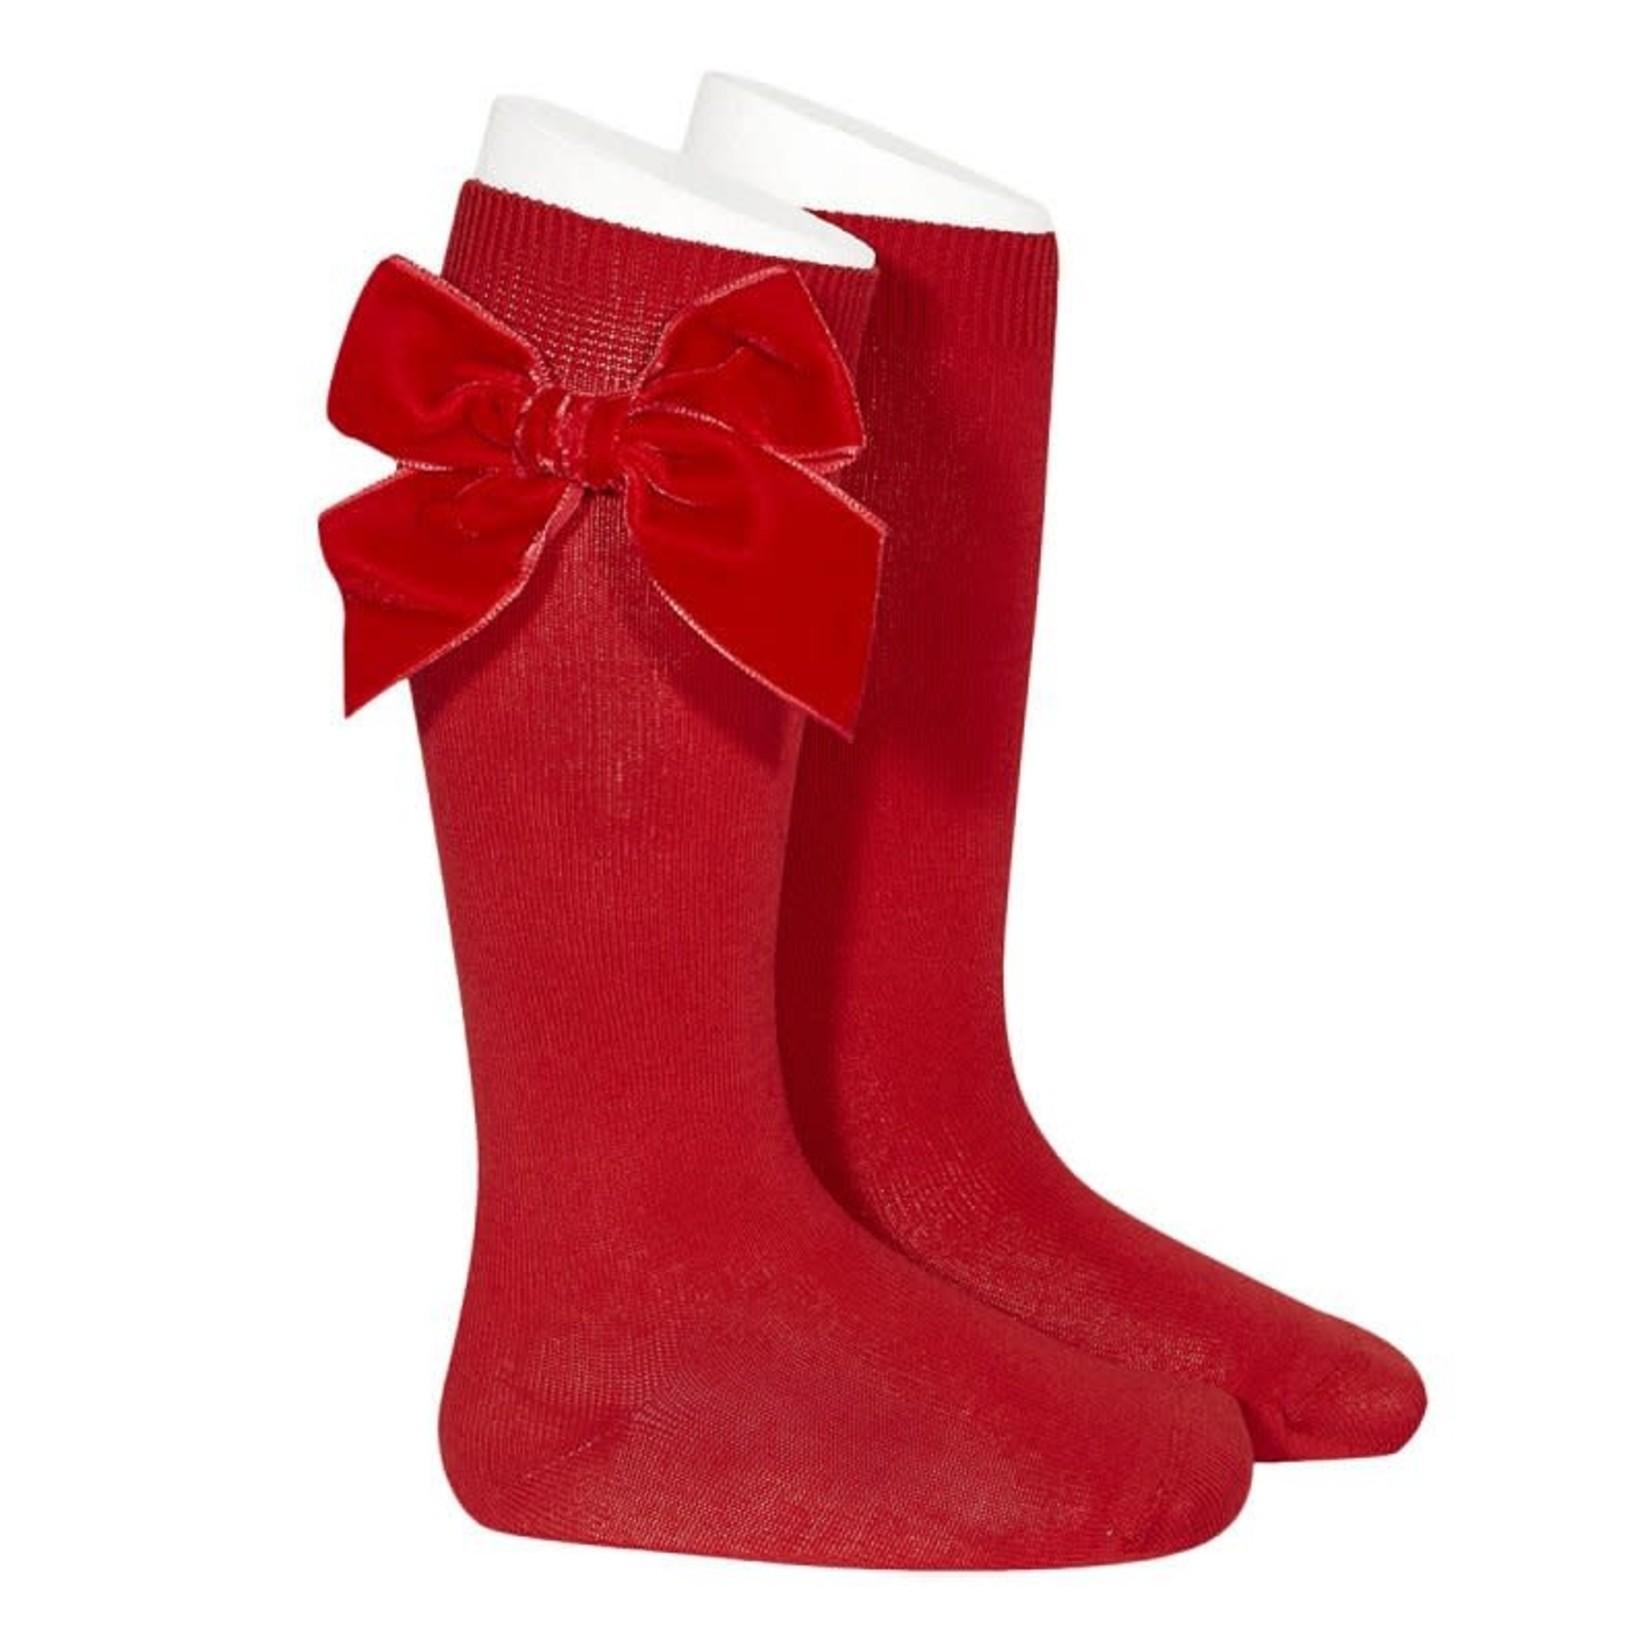 Condor Velvet Socks Knee High - Red